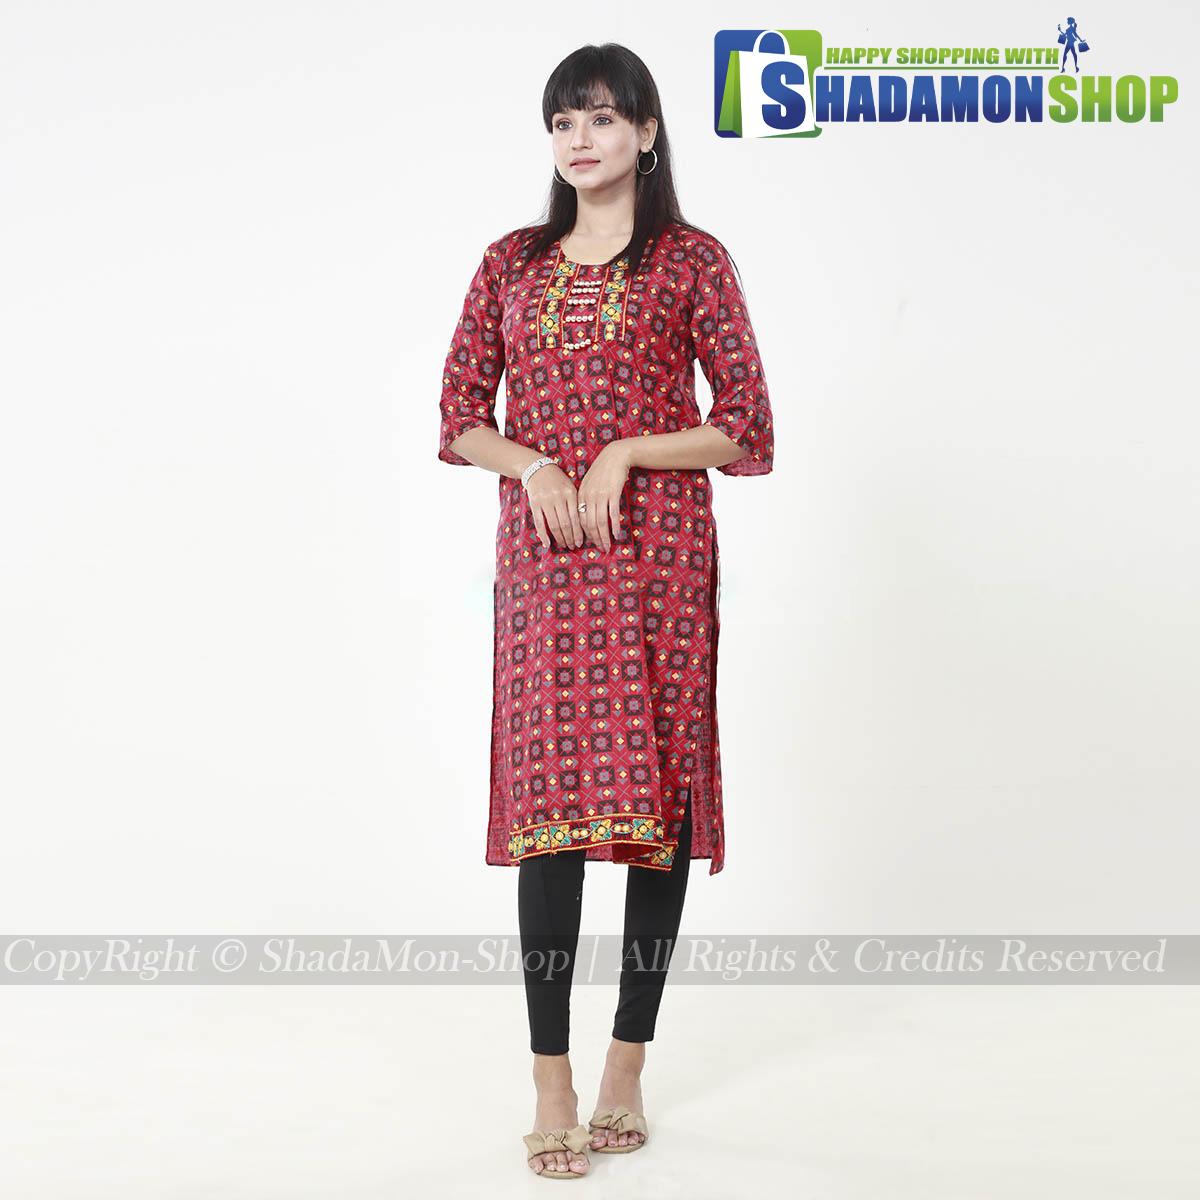 New Stylish Fashionable Kurti For Women's